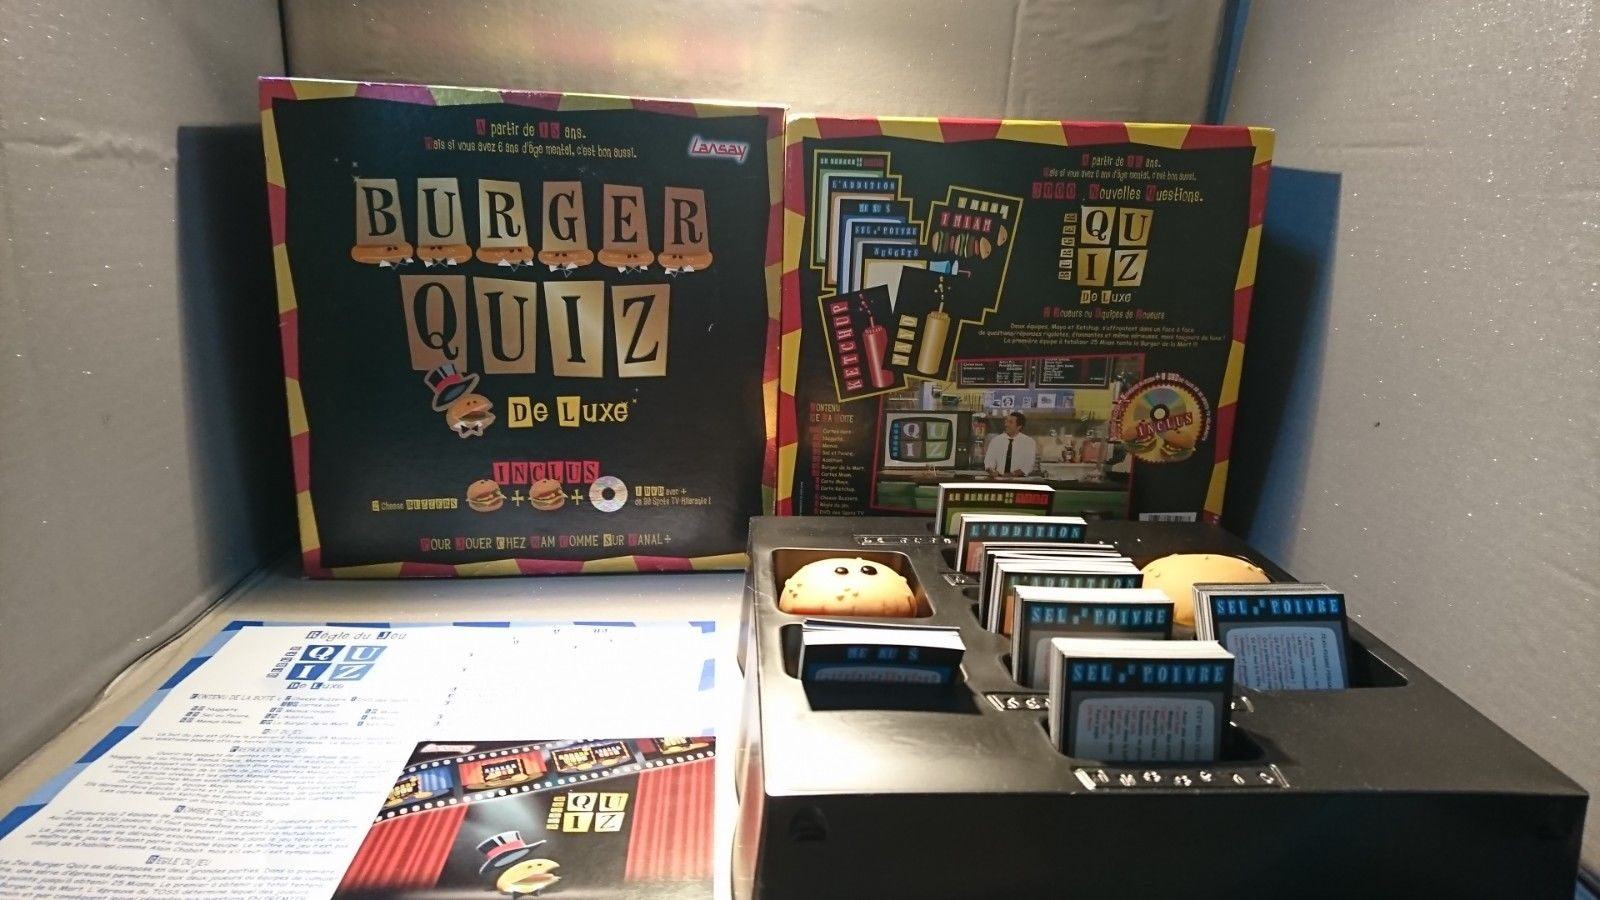 Burger quiz jeux de société